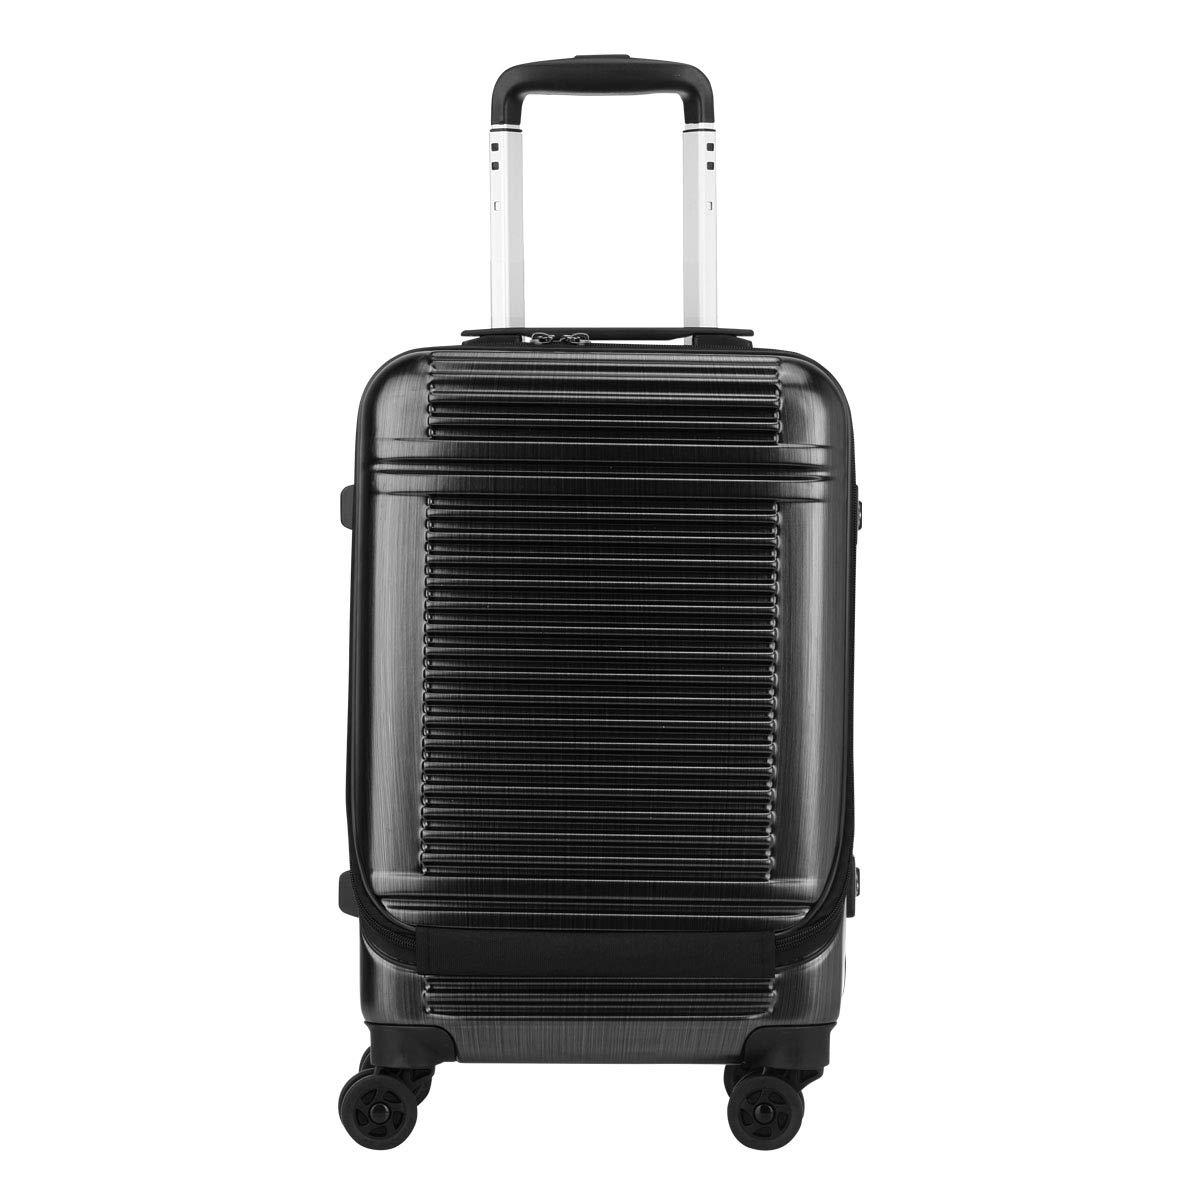 [サンコー] スーツケース ワールドスターW 機内持込可 30L 48cm 3.8kg WSW1-SF  ヘアラインブラック B07KQ2R245